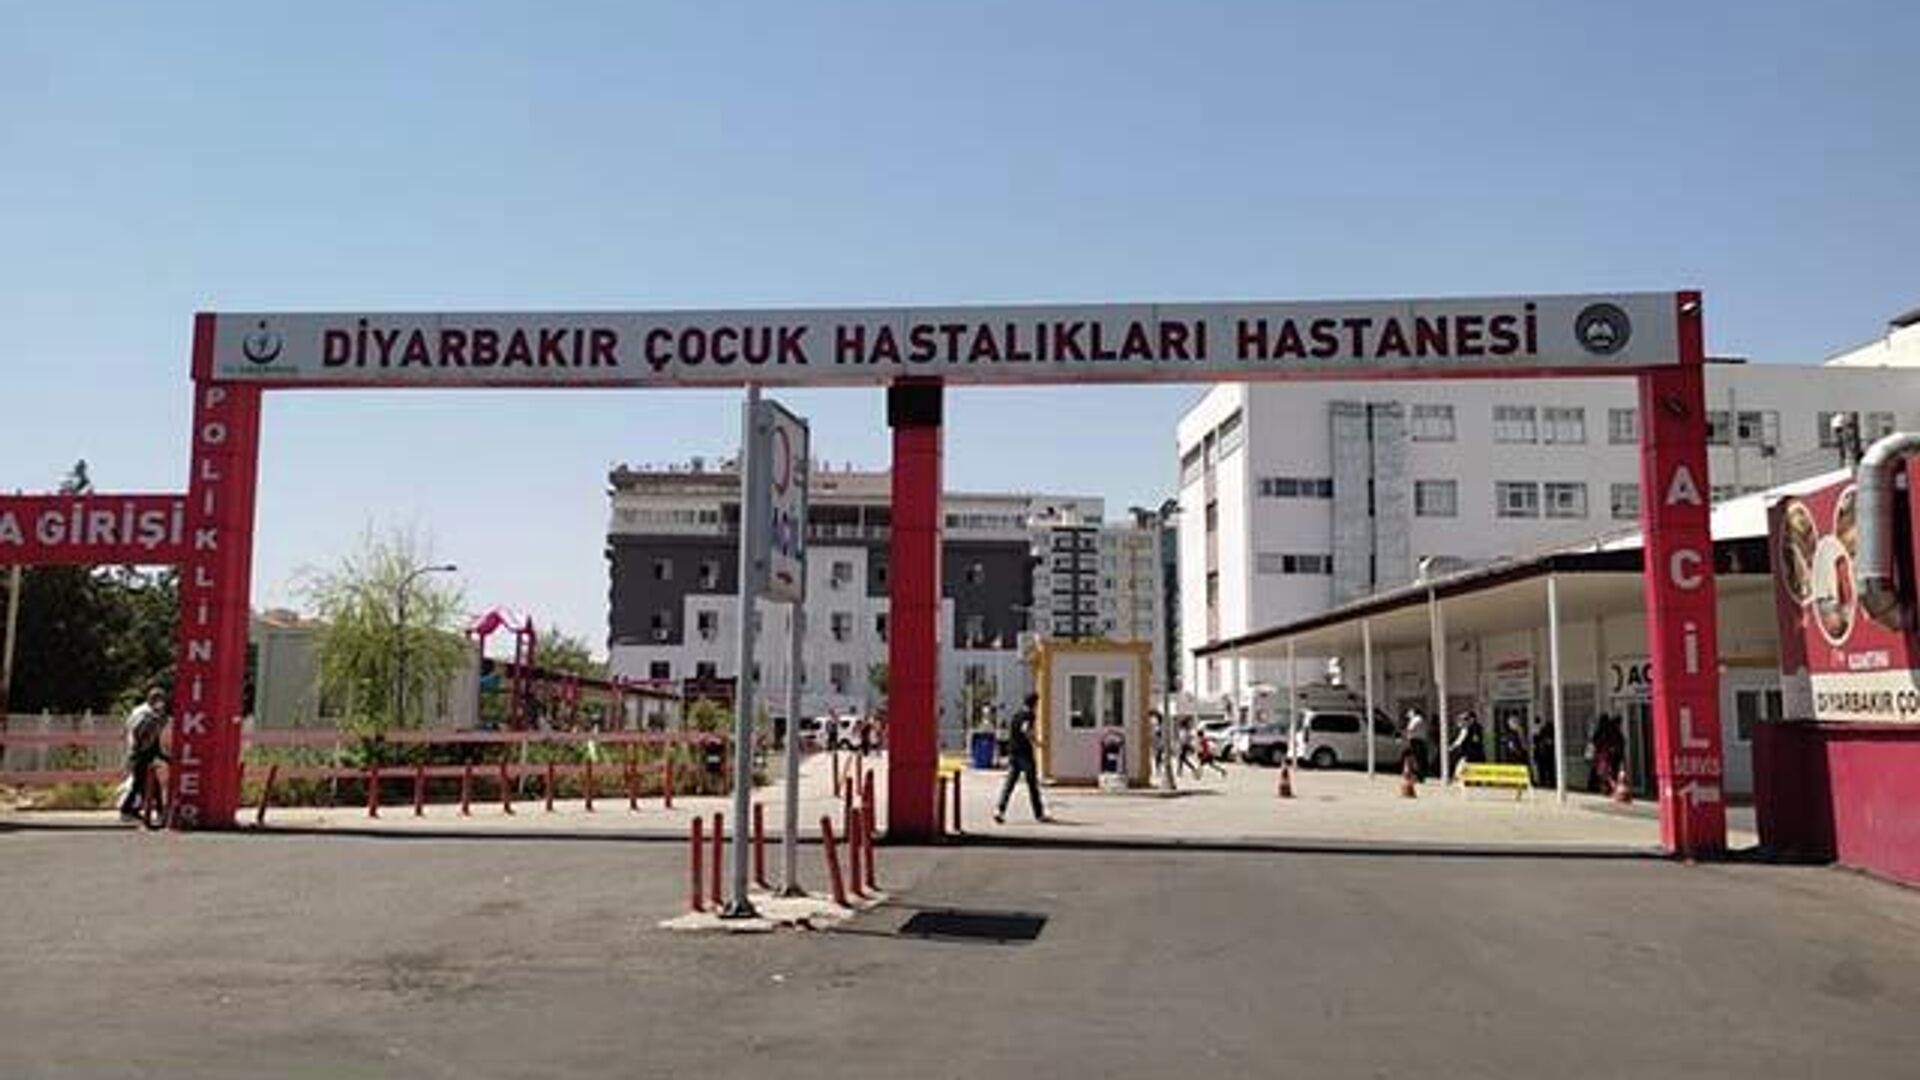 Diyarbakır Çocuk Hastalıkları Hastanesi - Sputnik Türkiye, 1920, 24.08.2021